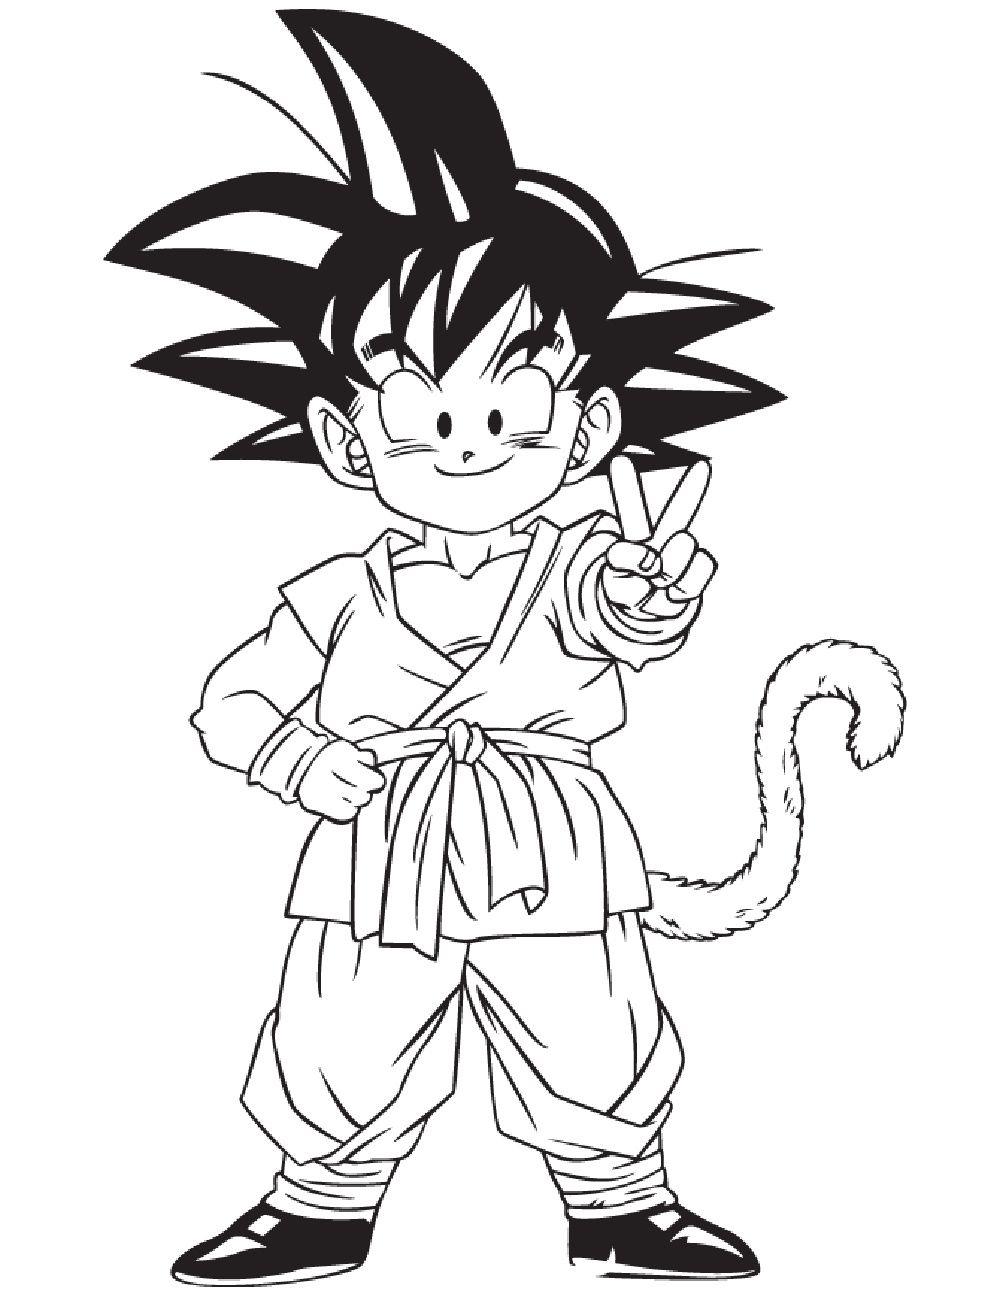 Goku Meilleur De Belle Coloriage Dragon Ball Z Facile Coloriage